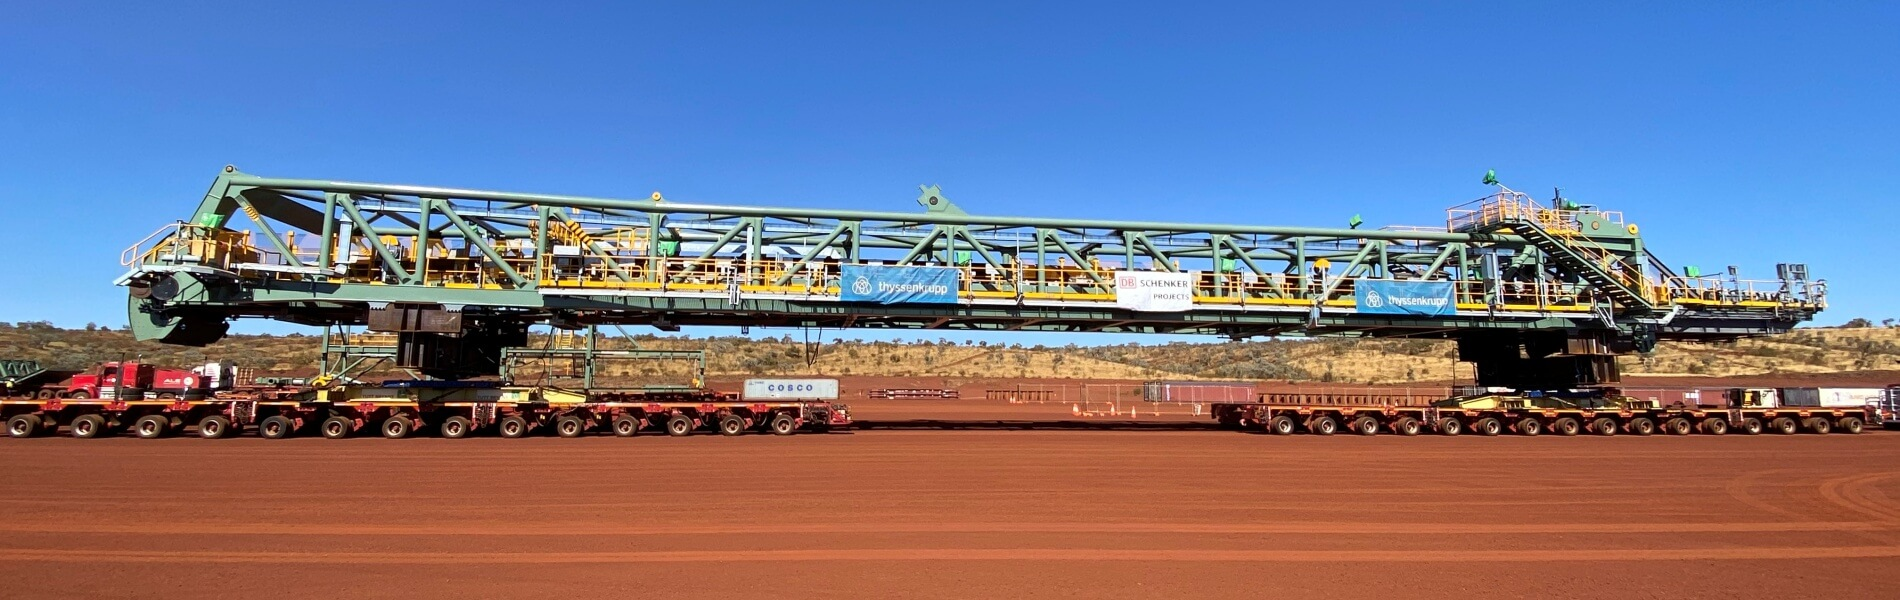 Crossing the desert by heavy truck